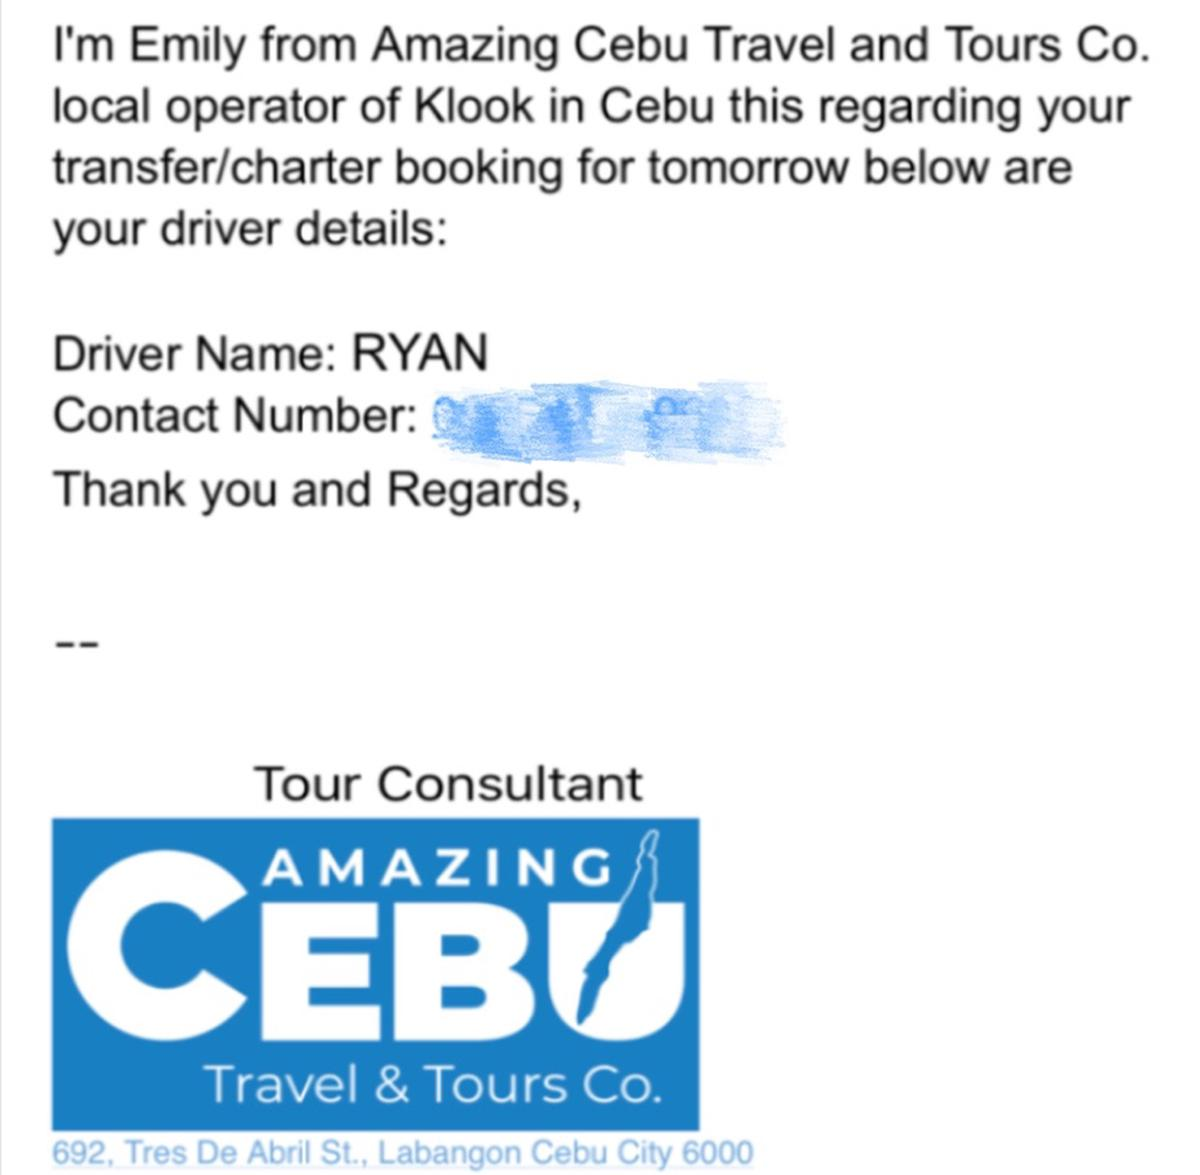 Mactan-Cebu Airport Transfers (CEB) for Cebu or Mactan Island